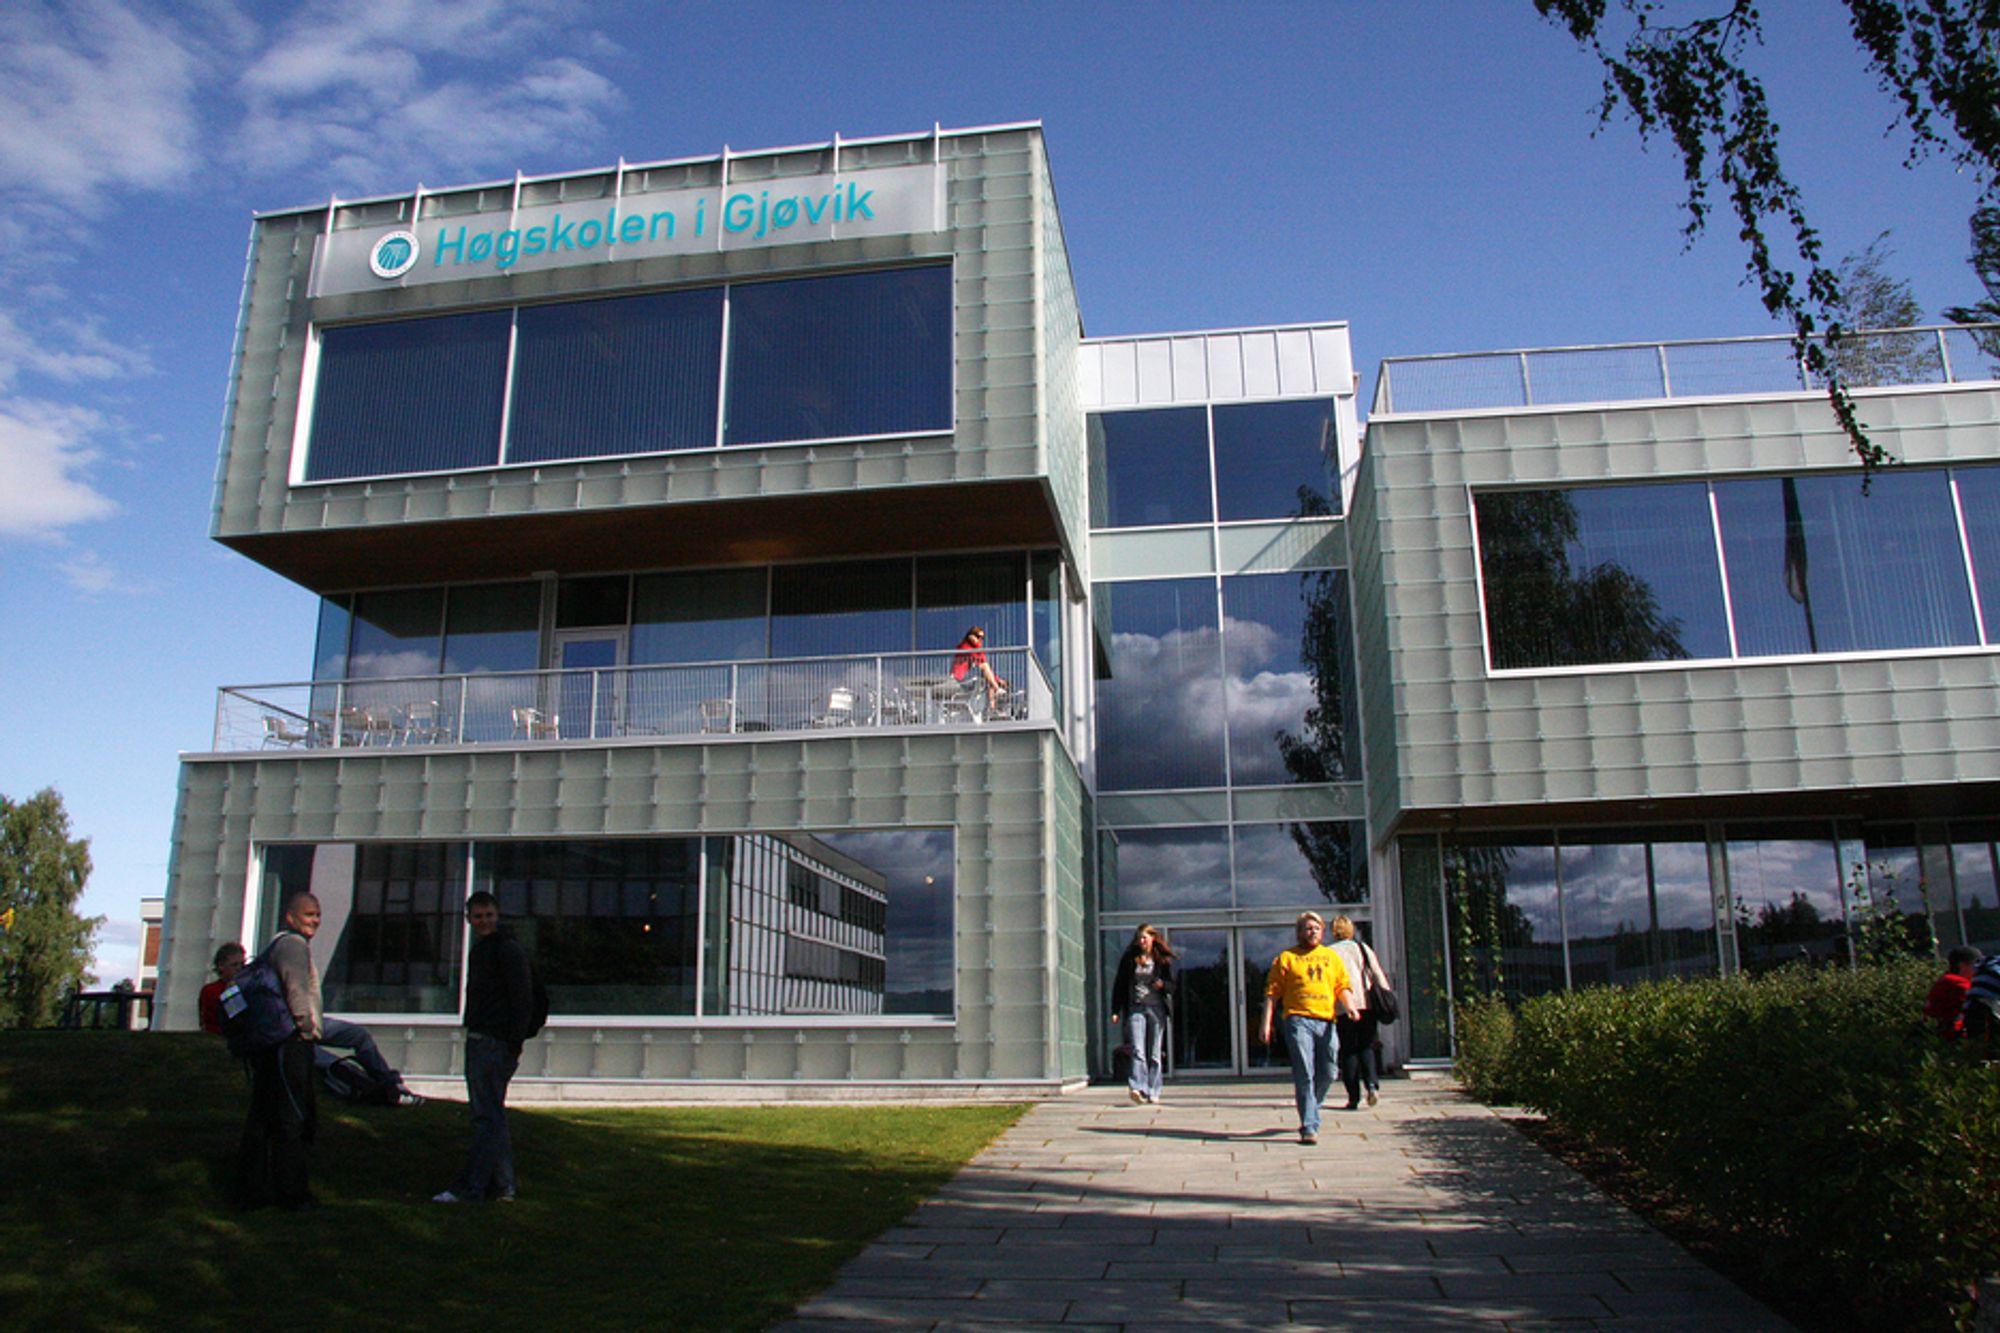 Høgskolen i Gjøvik har landets mest fornøyde ingeniørstudenter, ifølge Studiebarometeret.